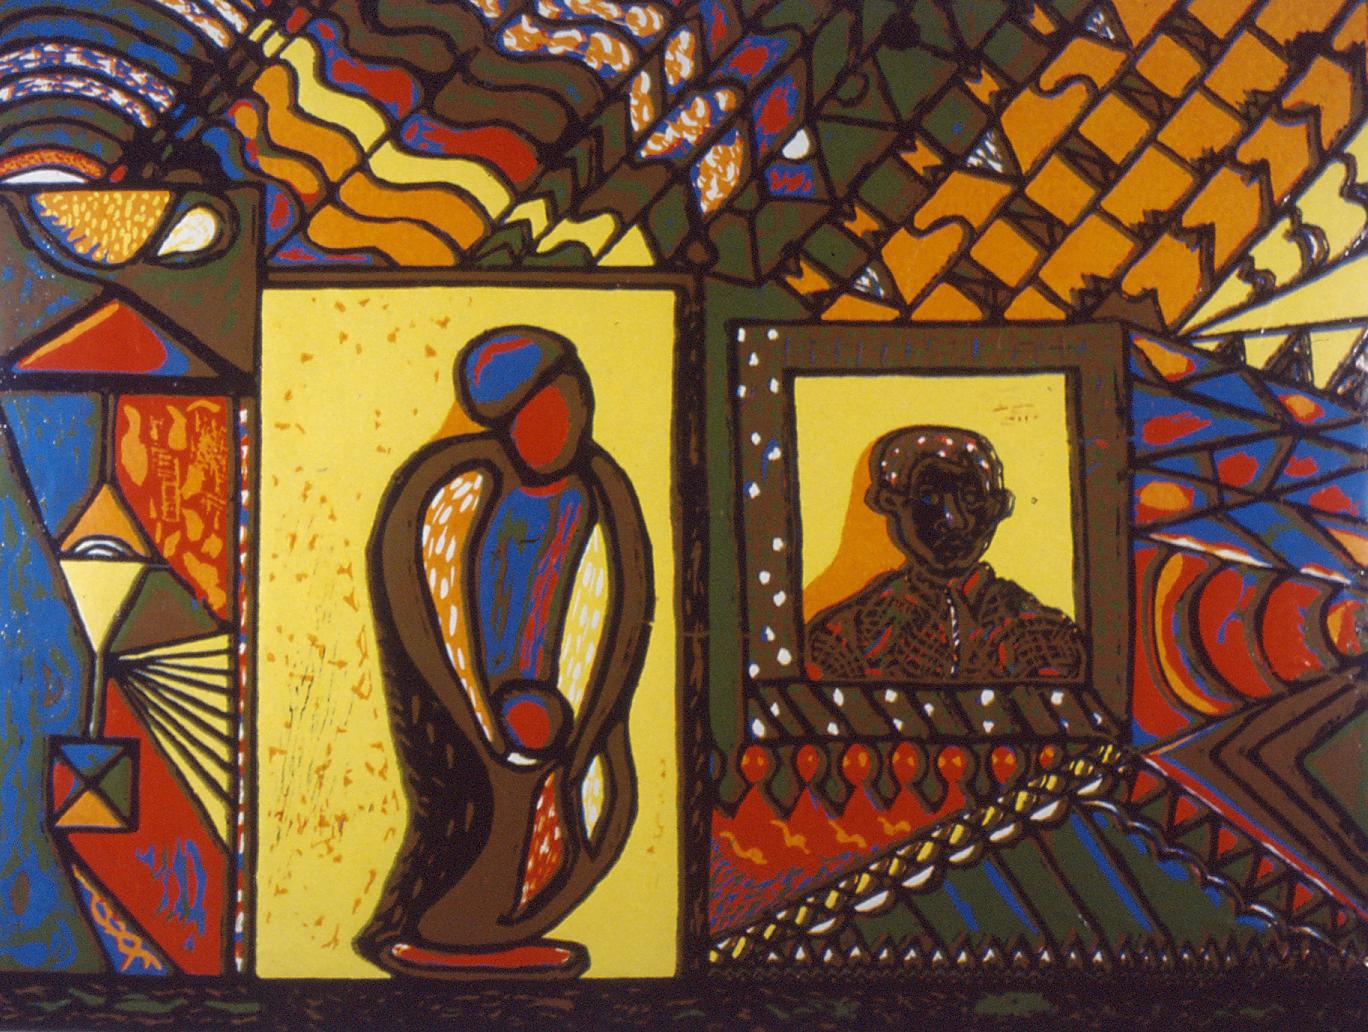 Bushy Hlongwane, Forgive, 1991.